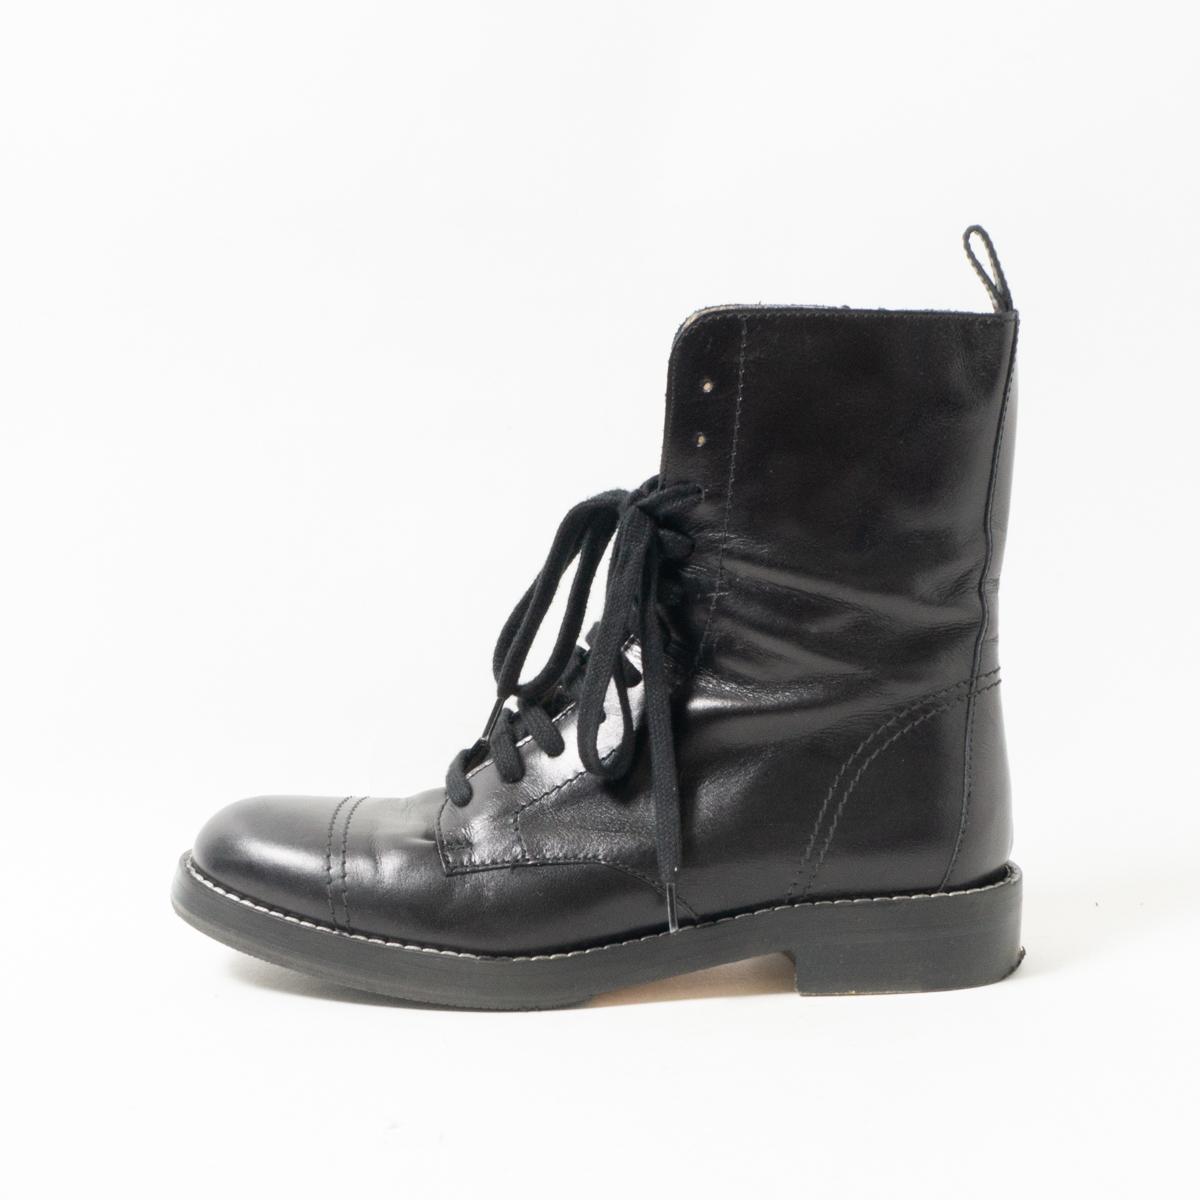 Theory セオリー レースアップ ブーツ 36 23cm S M 黒 ブラック ショートブーツ レディース ウィメンズ 靴 シューズ MADE IN ITALY